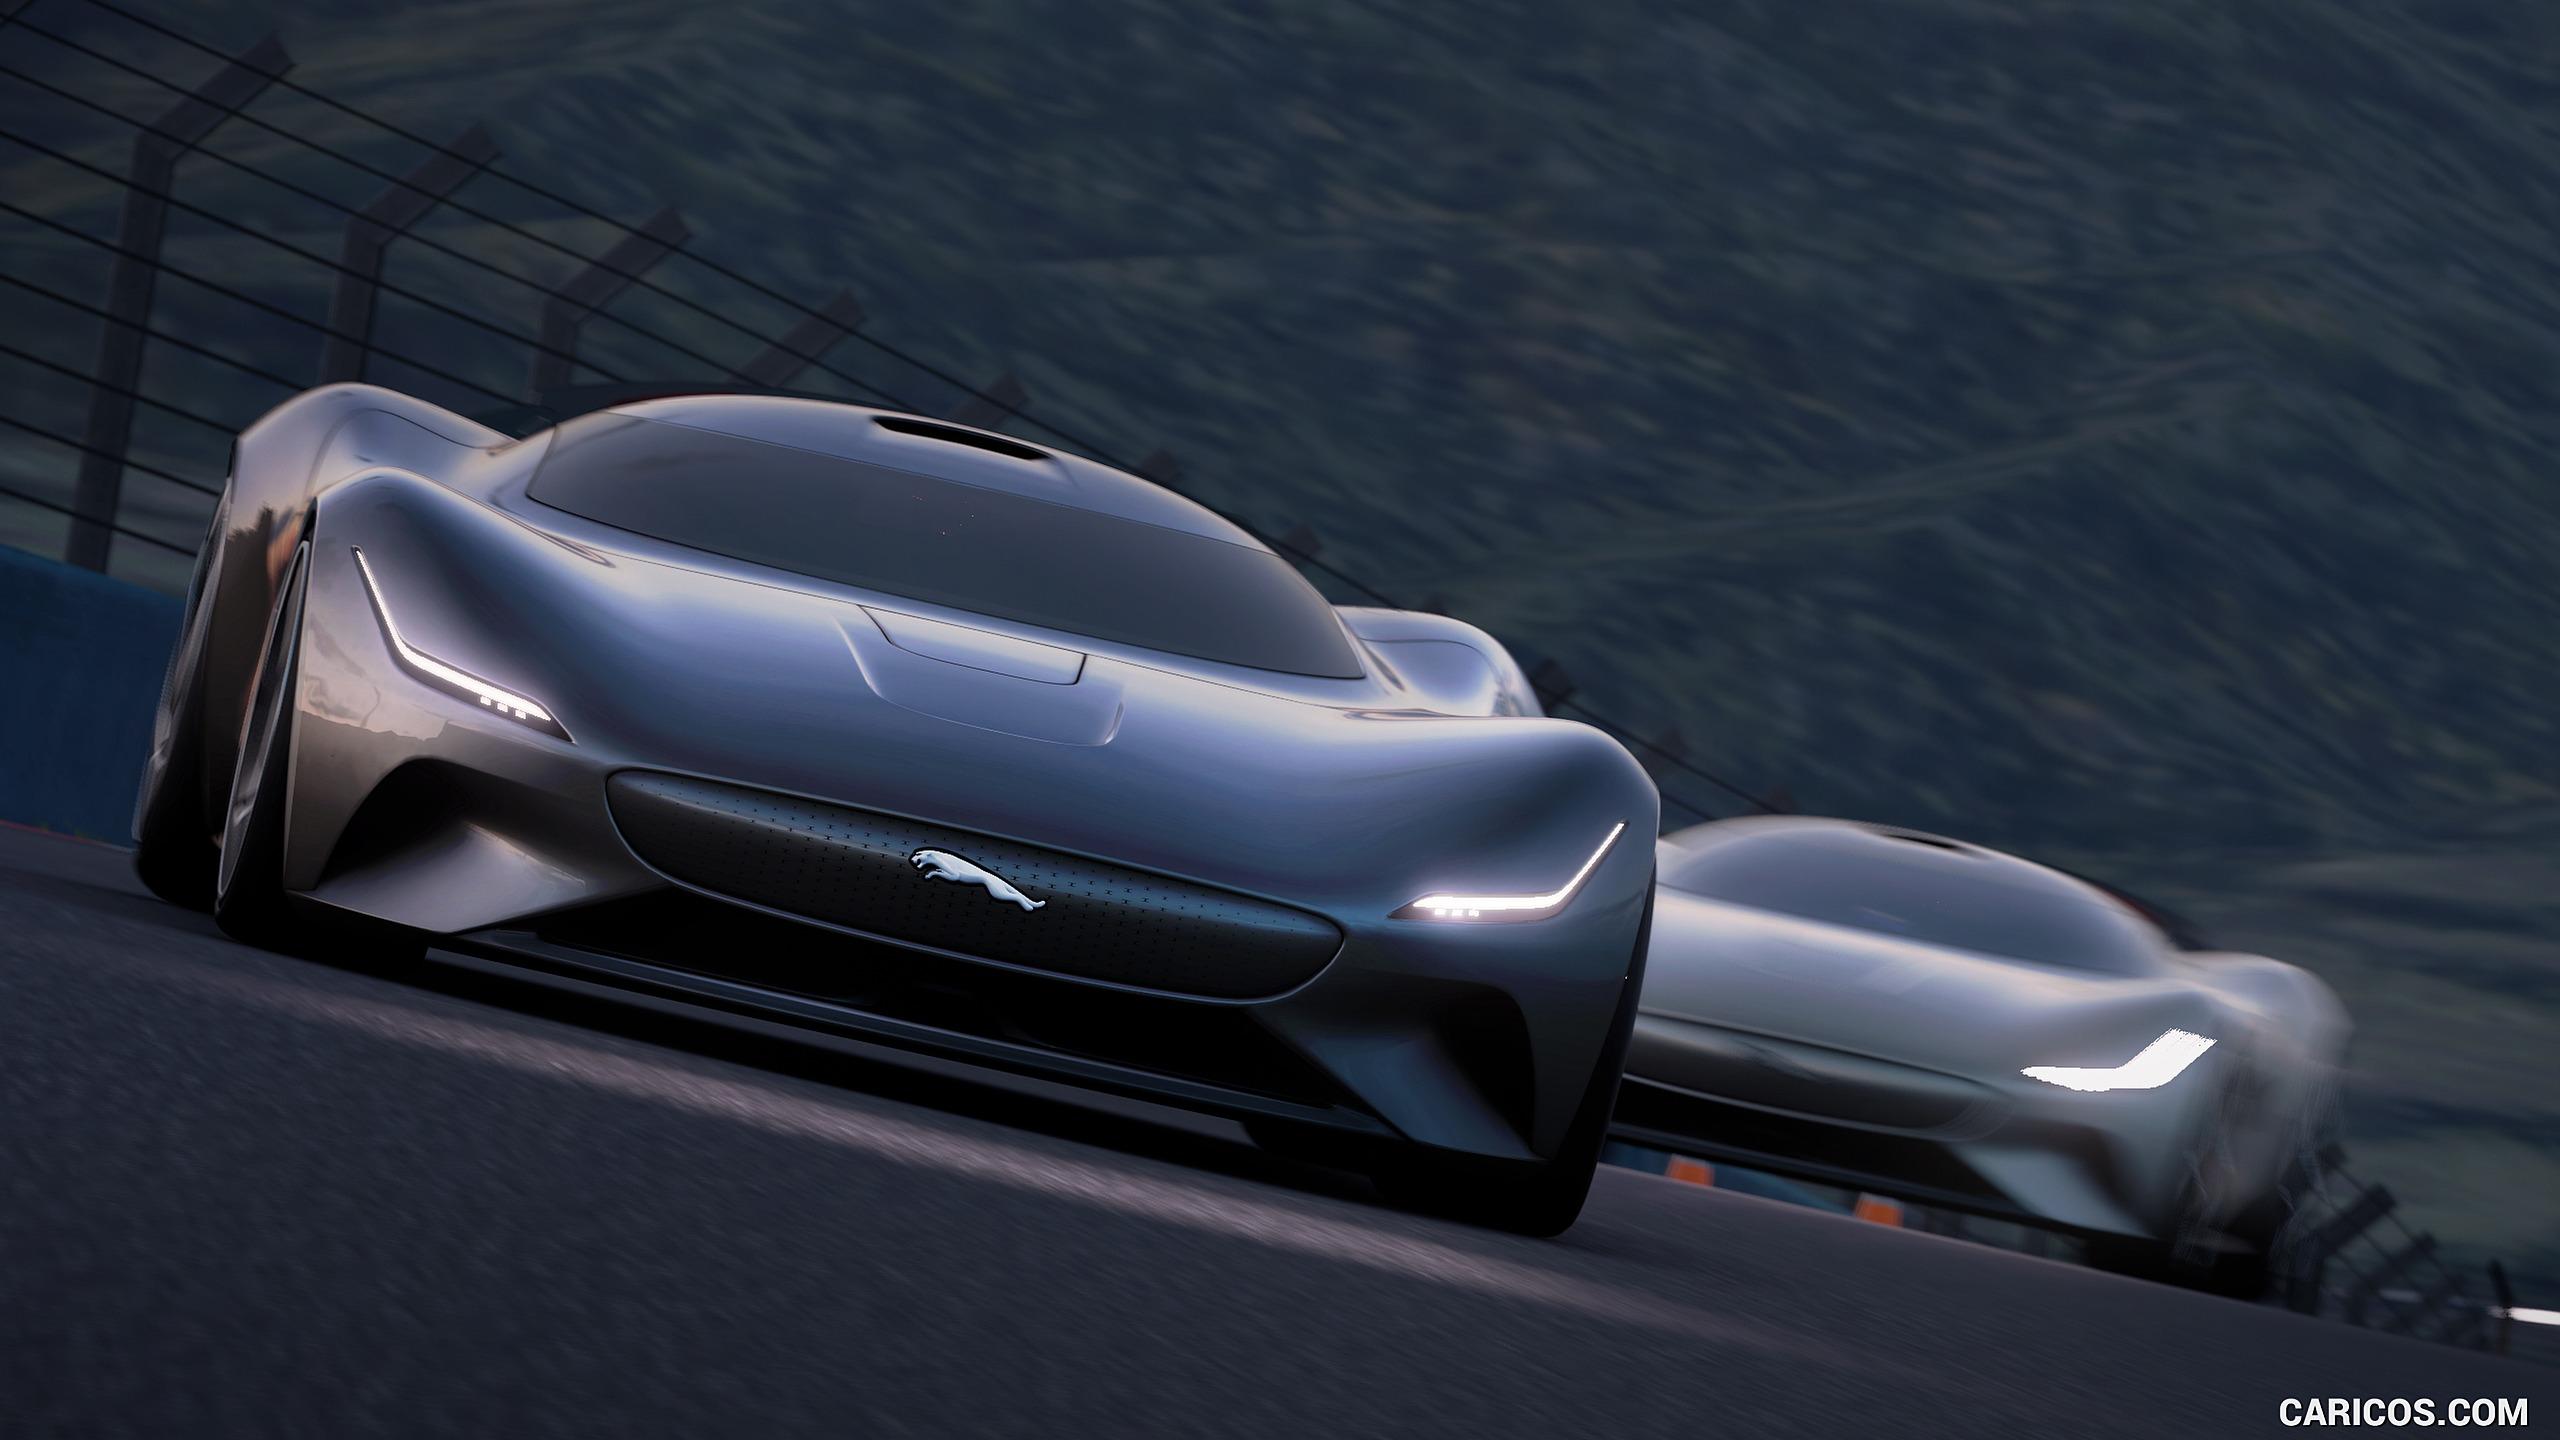 2019 Jaguar Vision Gran Turismo Coup EV Concept   Front HD 2560x1440